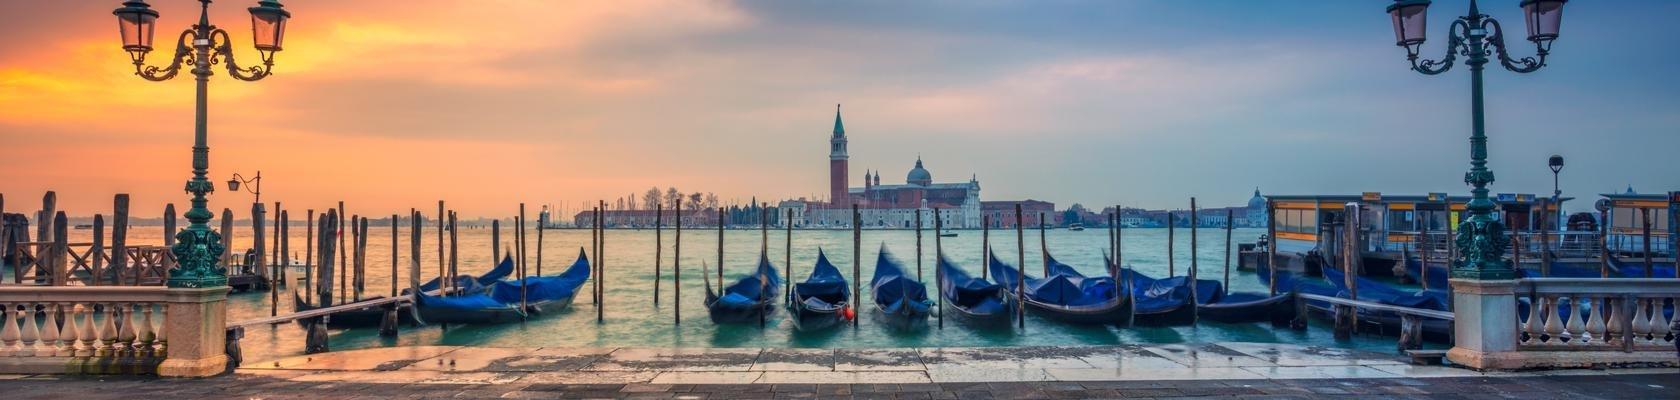 Venetië bij zonsopkomst